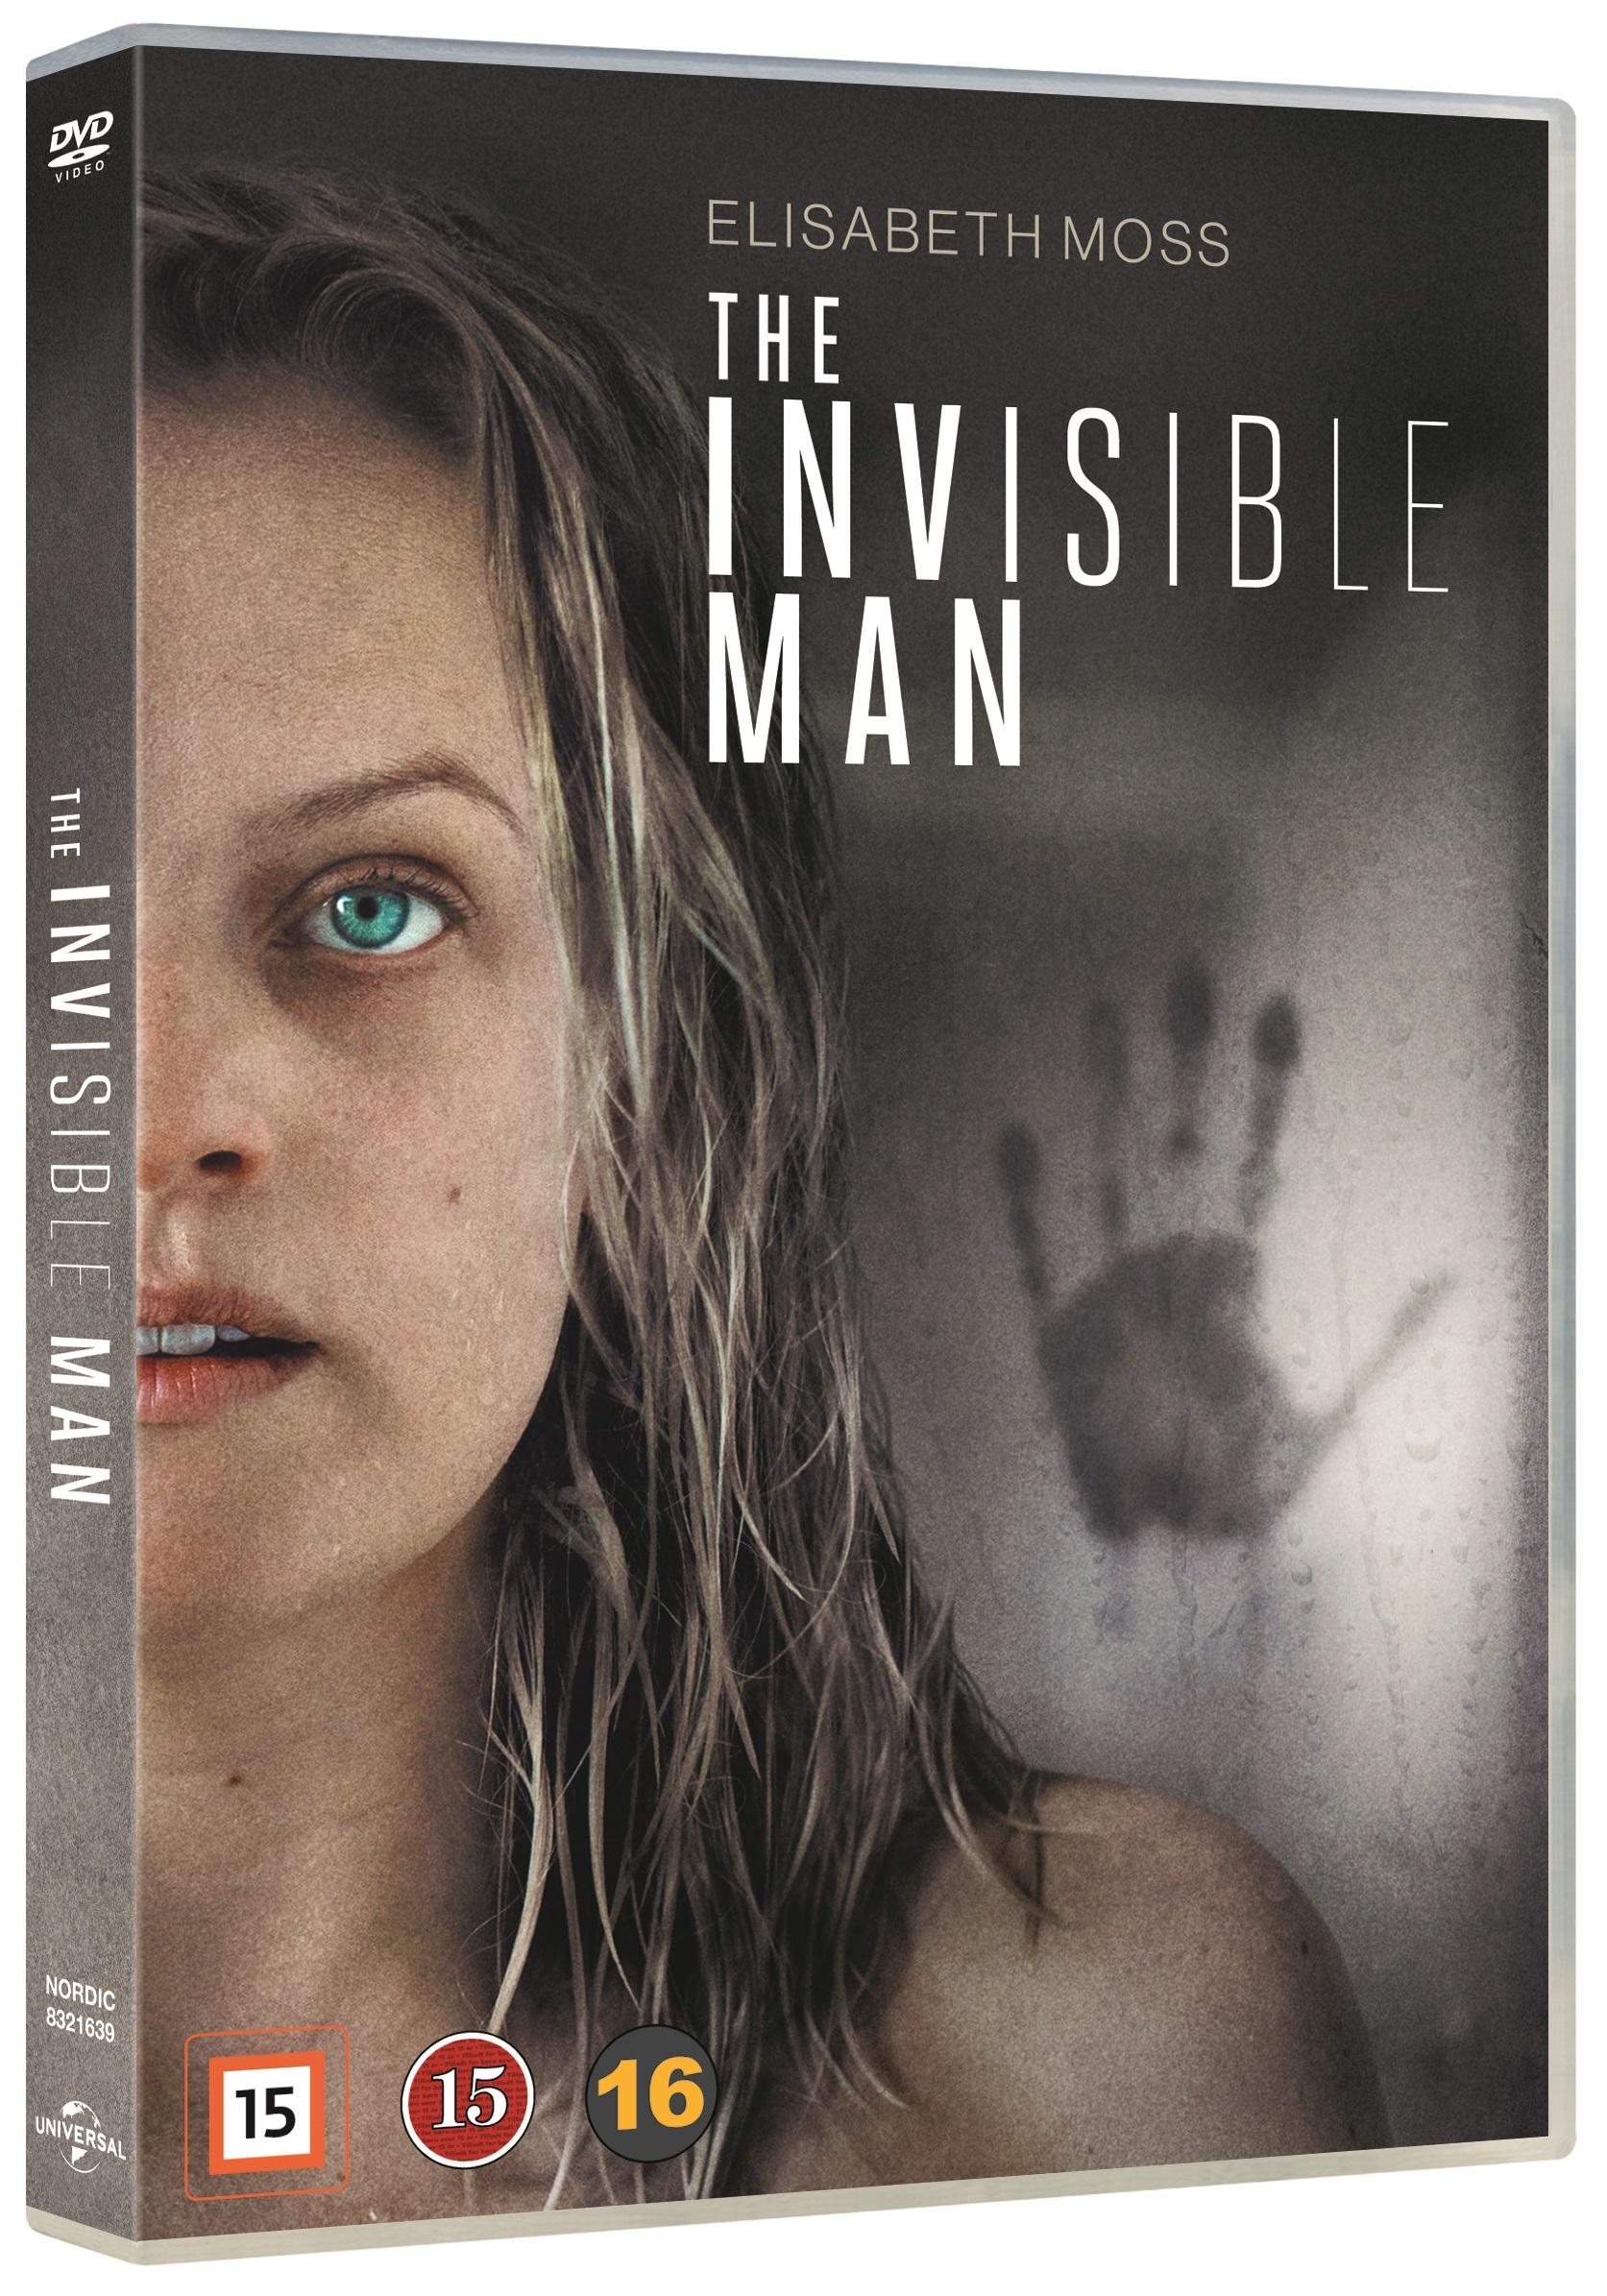 The Invisible Man (2020) -  - Film -  - 5053083216399 - 20. juli 2020